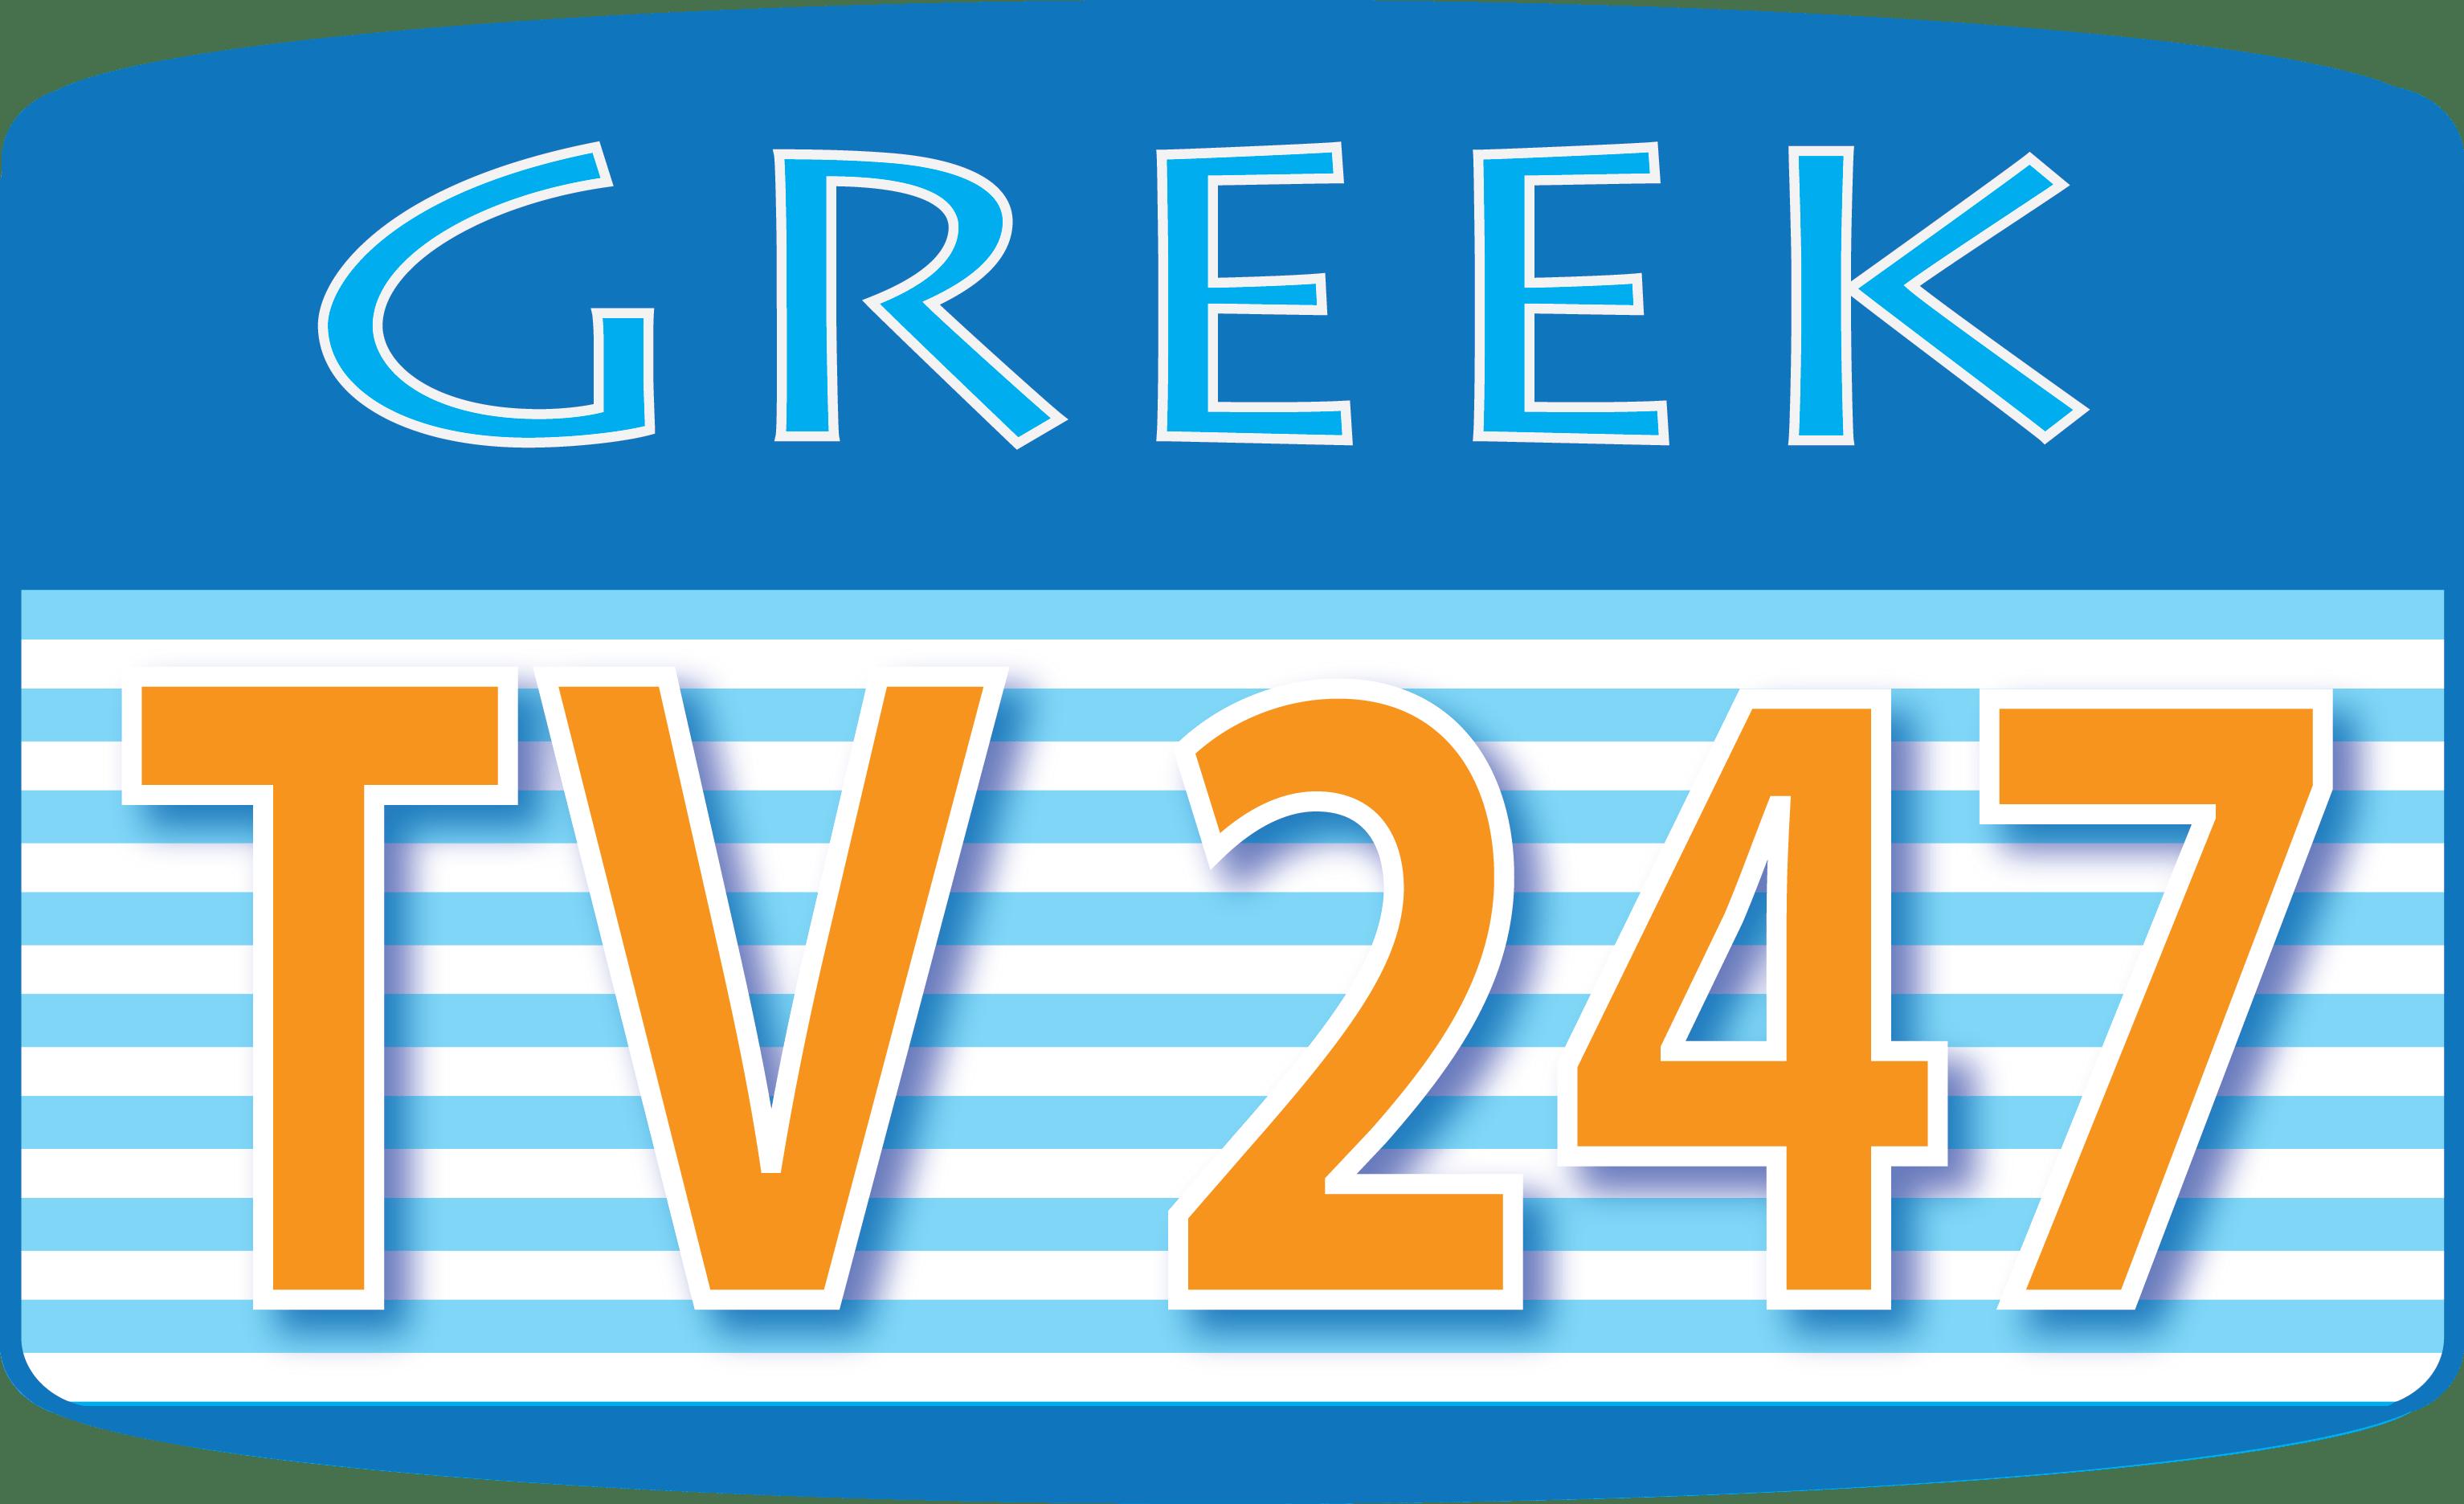 GreekTV247